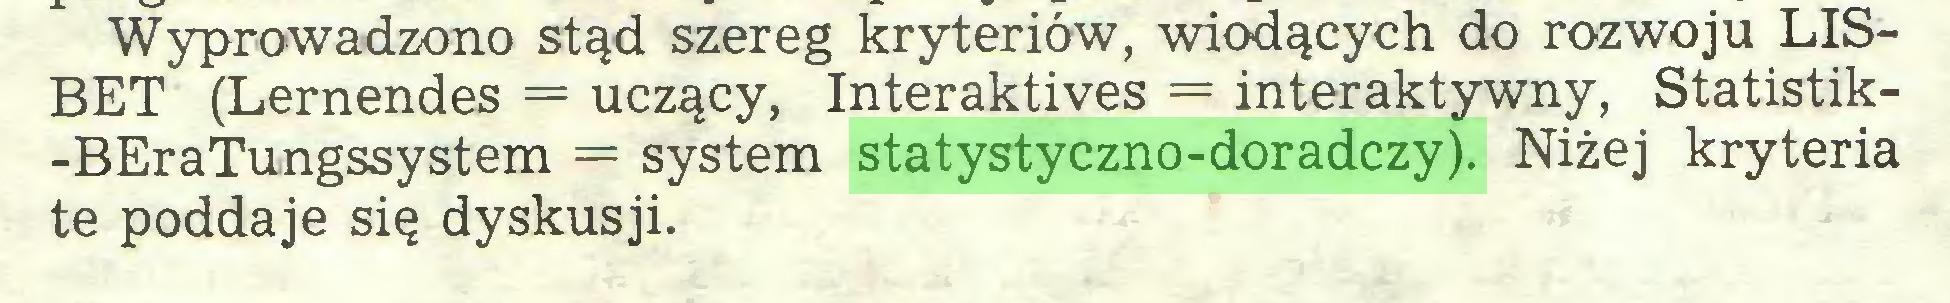 (...) Wyprowadzono stąd szereg kryteriów, wiodących do rozwoju LISBET (Lernendes = uczący, Interaktives = interaktywny, Statistik-BEraTungssystem = system statystyczno-doradczy). Niżej kryteria te poddaje się dyskusji...